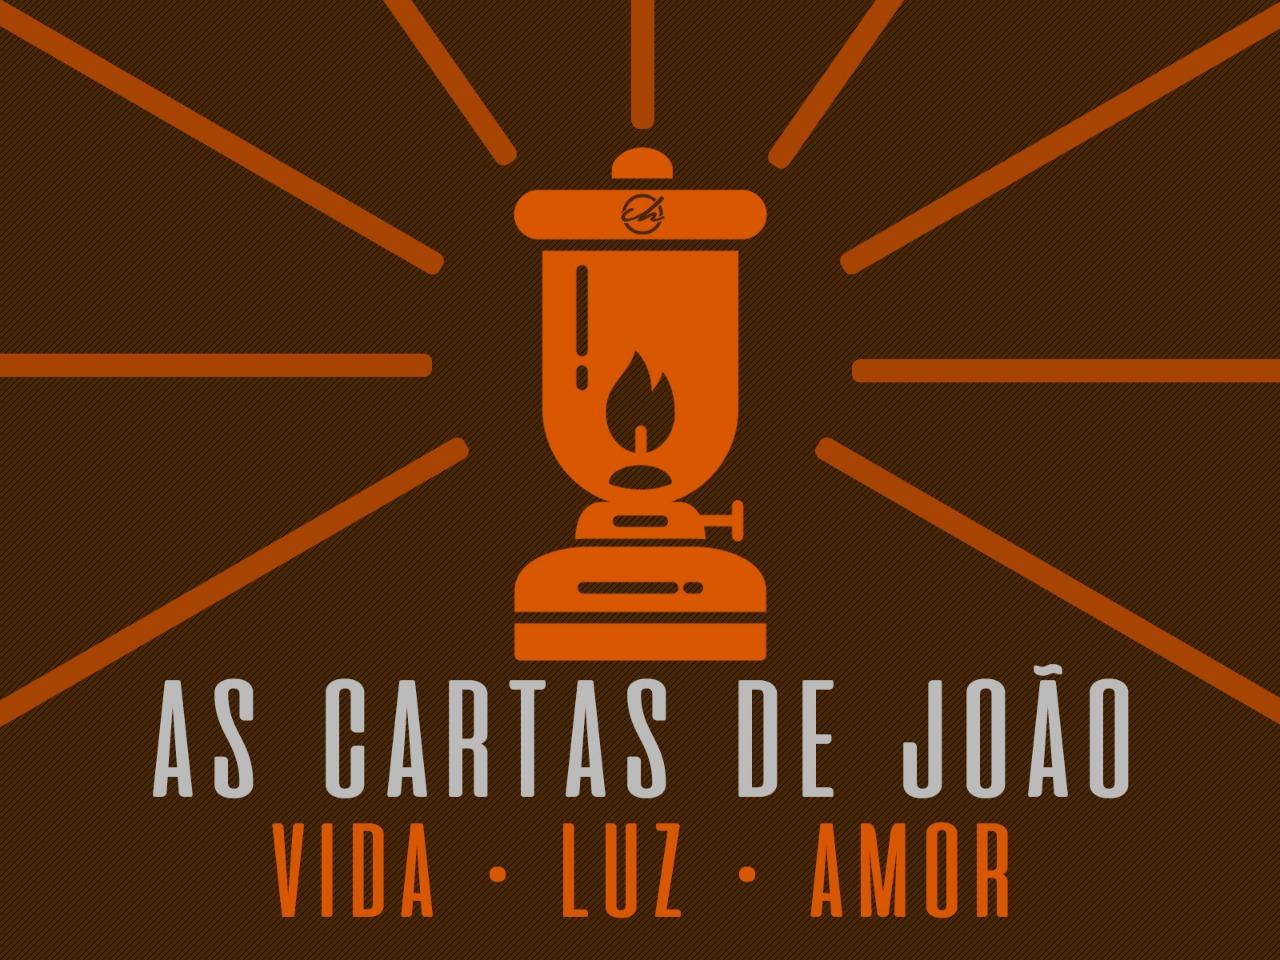 As cartas de João - Vida Luz Amor